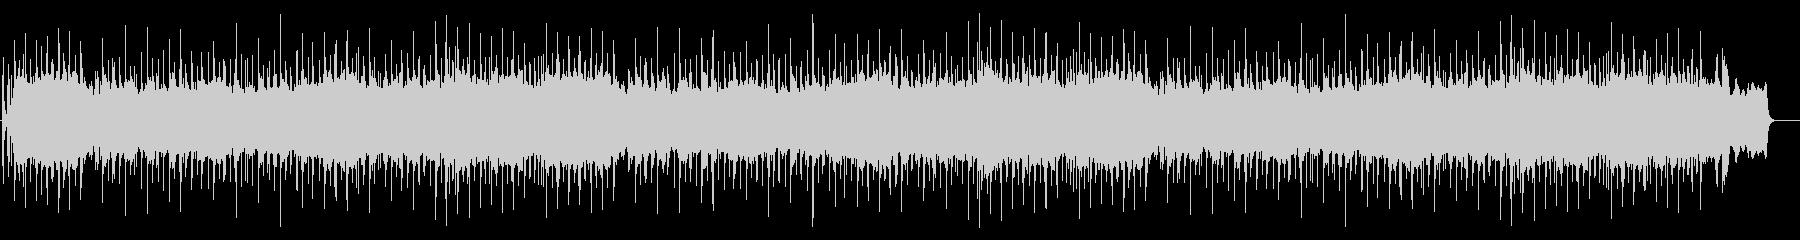 リリカルでトラディッショナルなバラードの未再生の波形